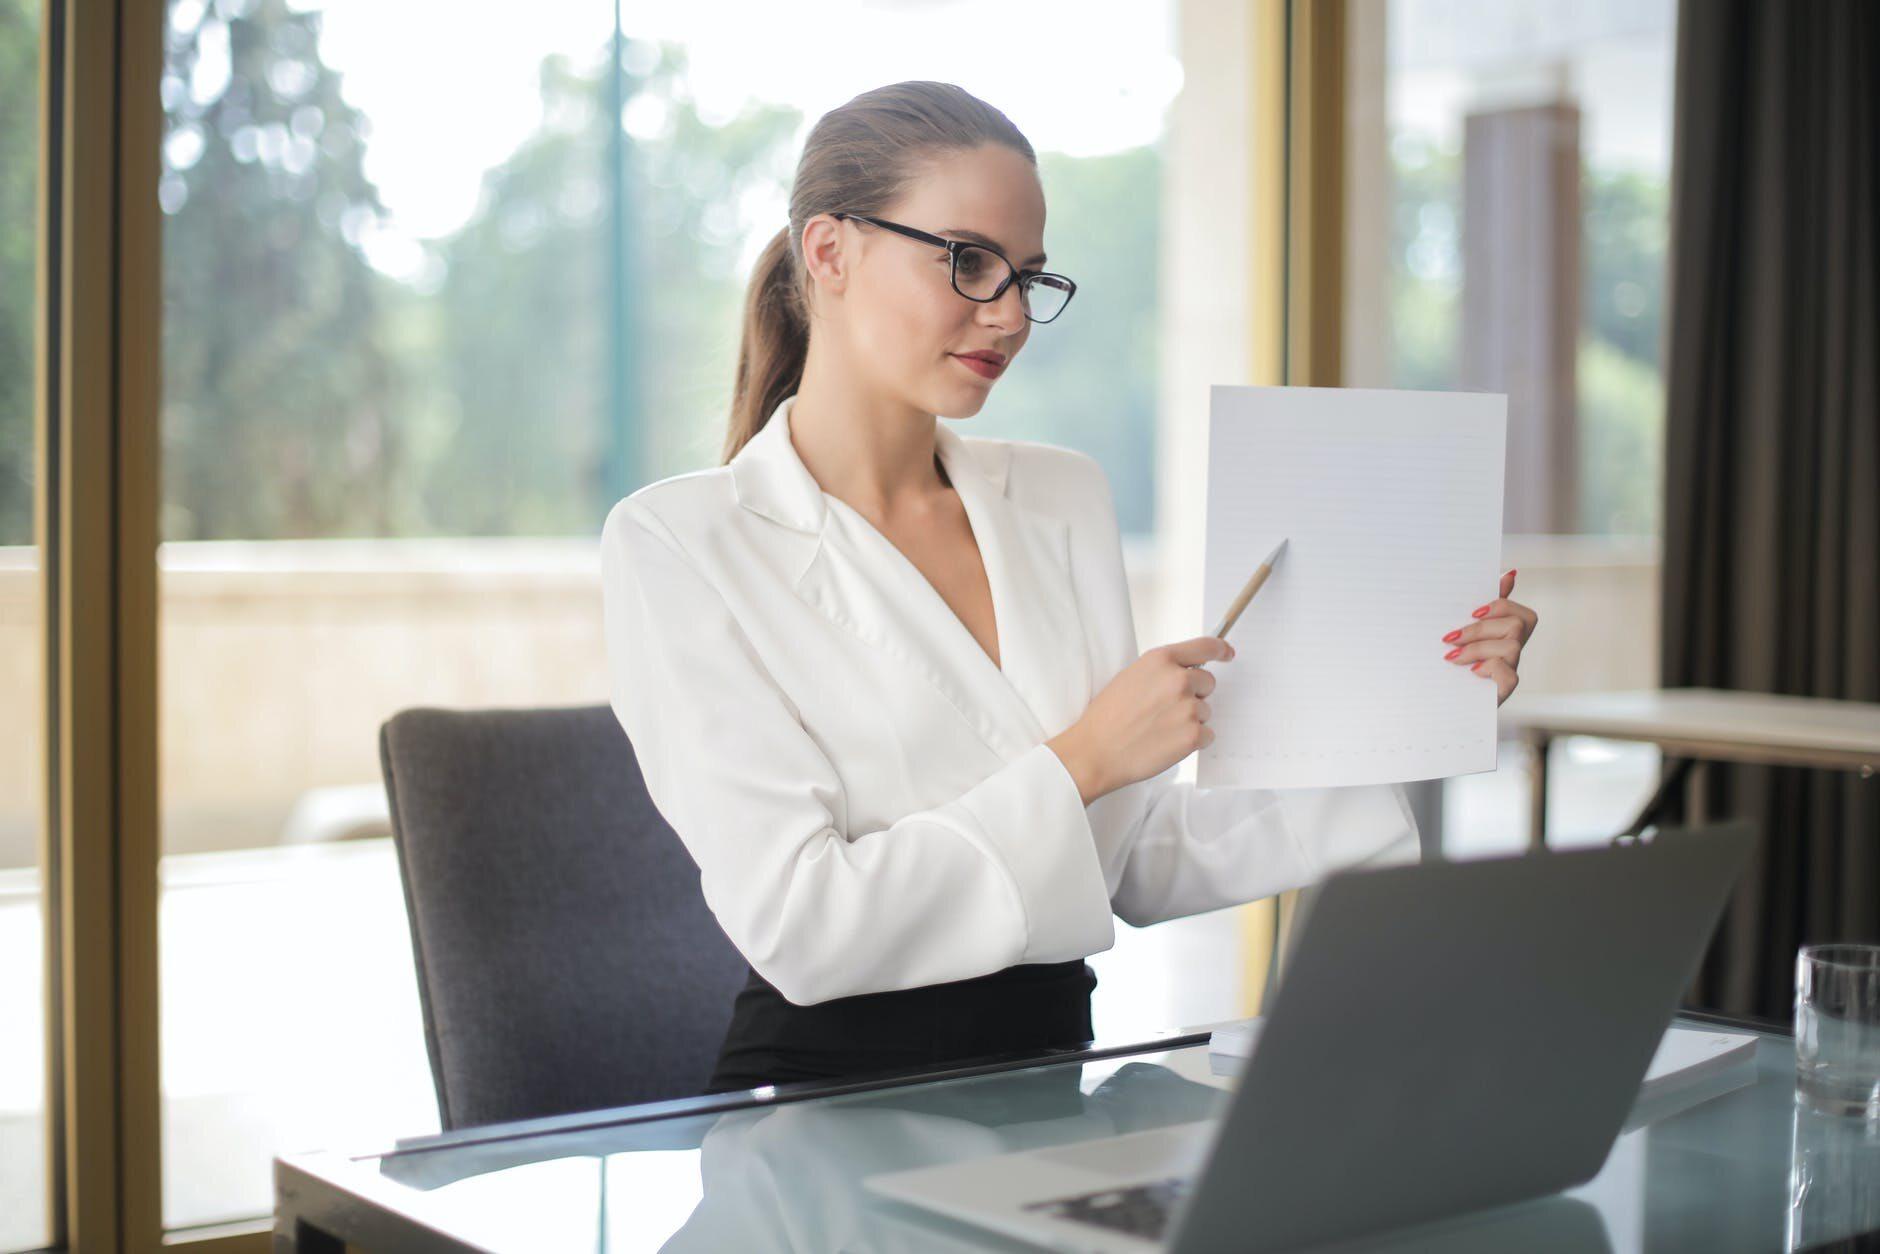 Kobieta w biurze, zdjęcie ilustracyjne